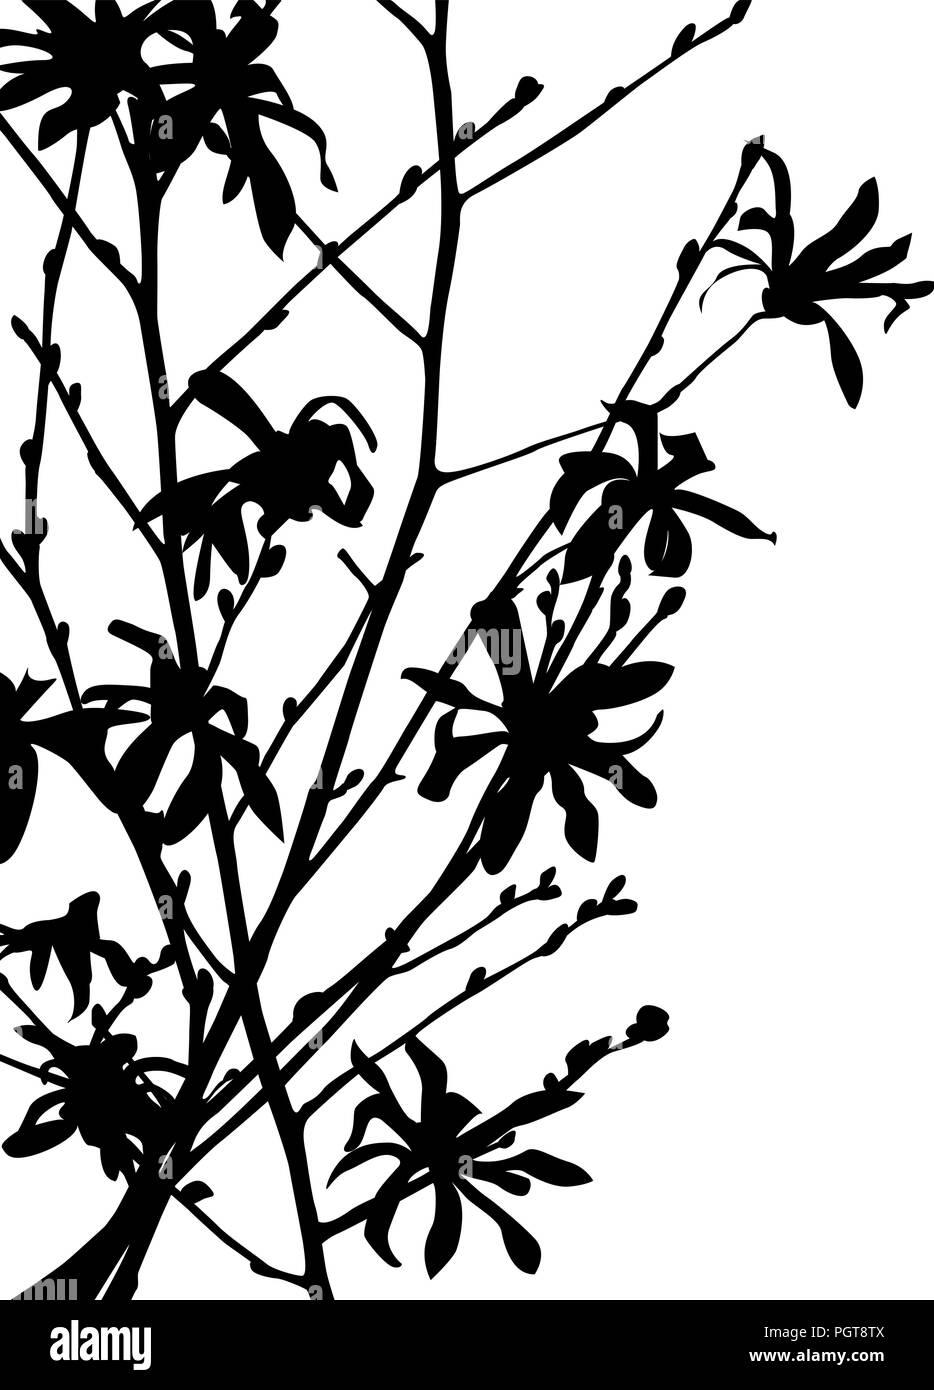 Flor Silvestre Silueta En Blanco Y Negro Para Imprimir